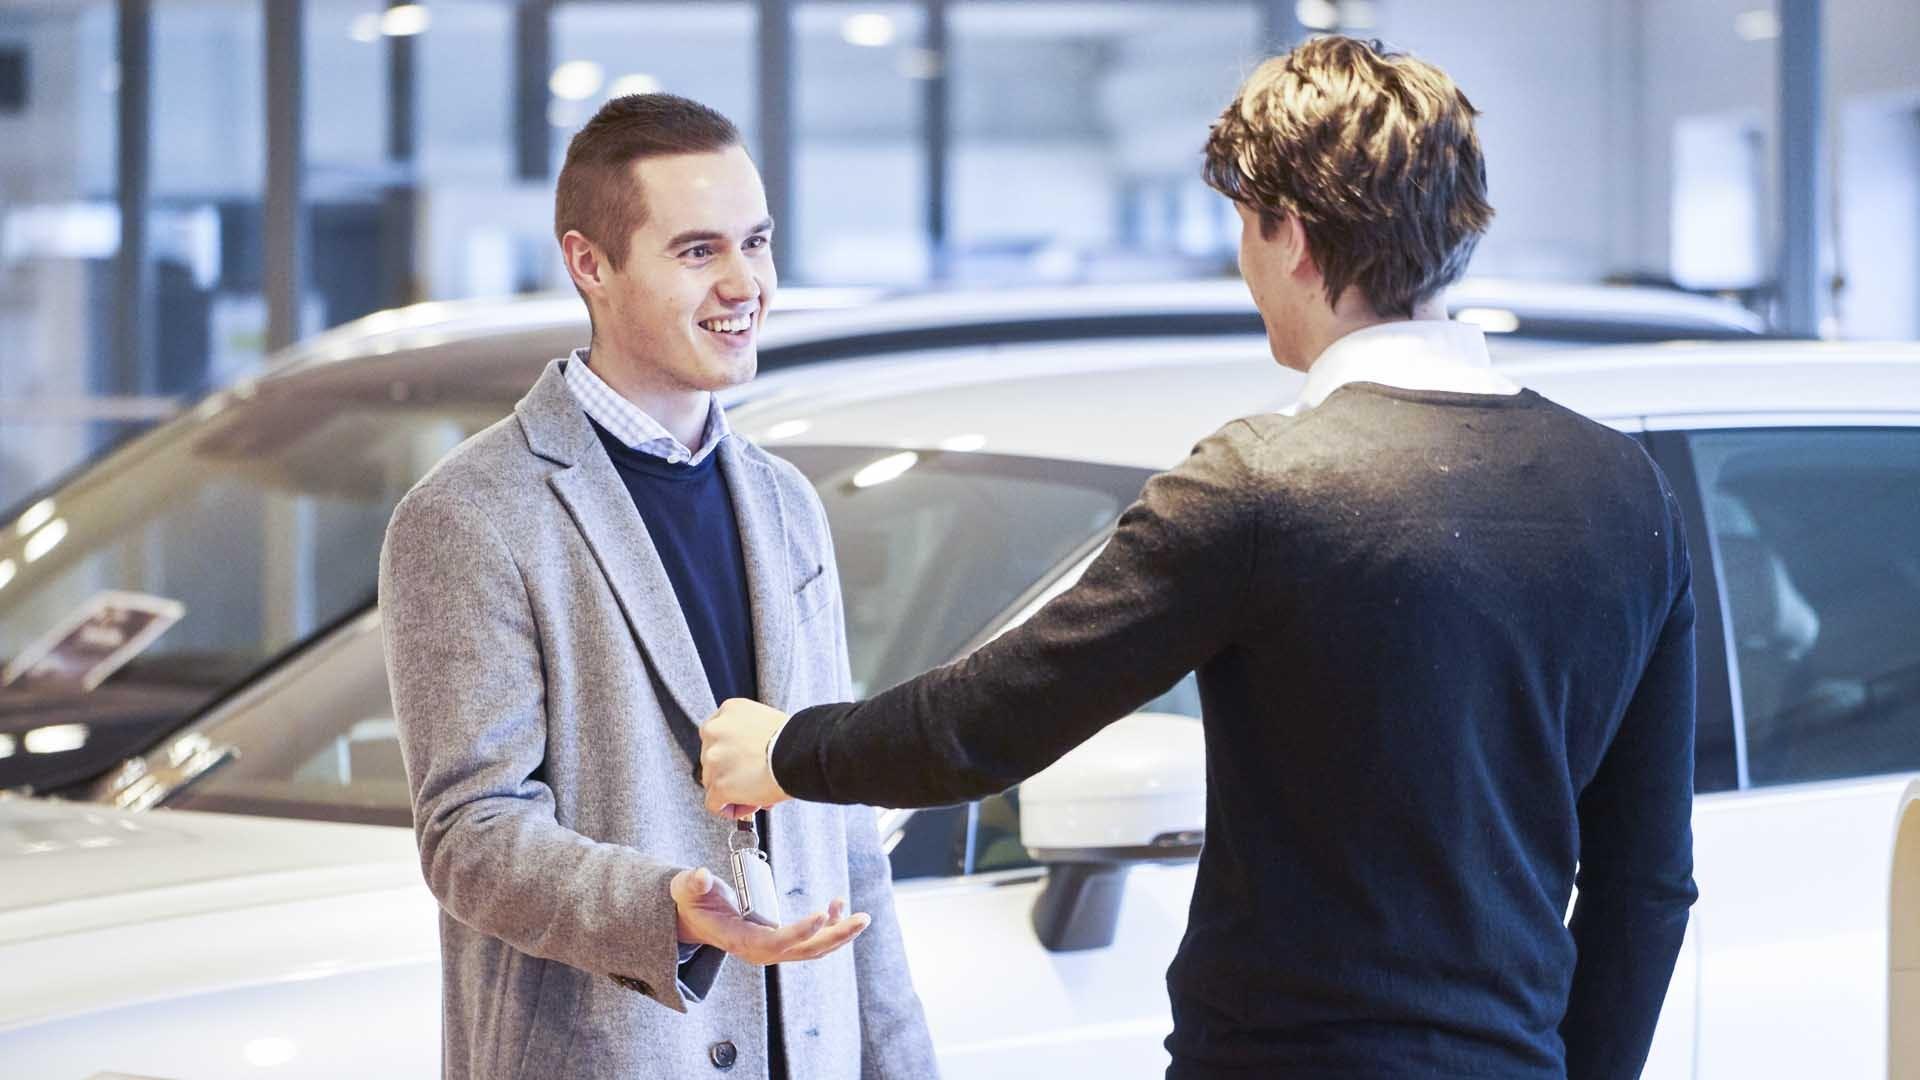 Sælger aflevere nøgler til kunde